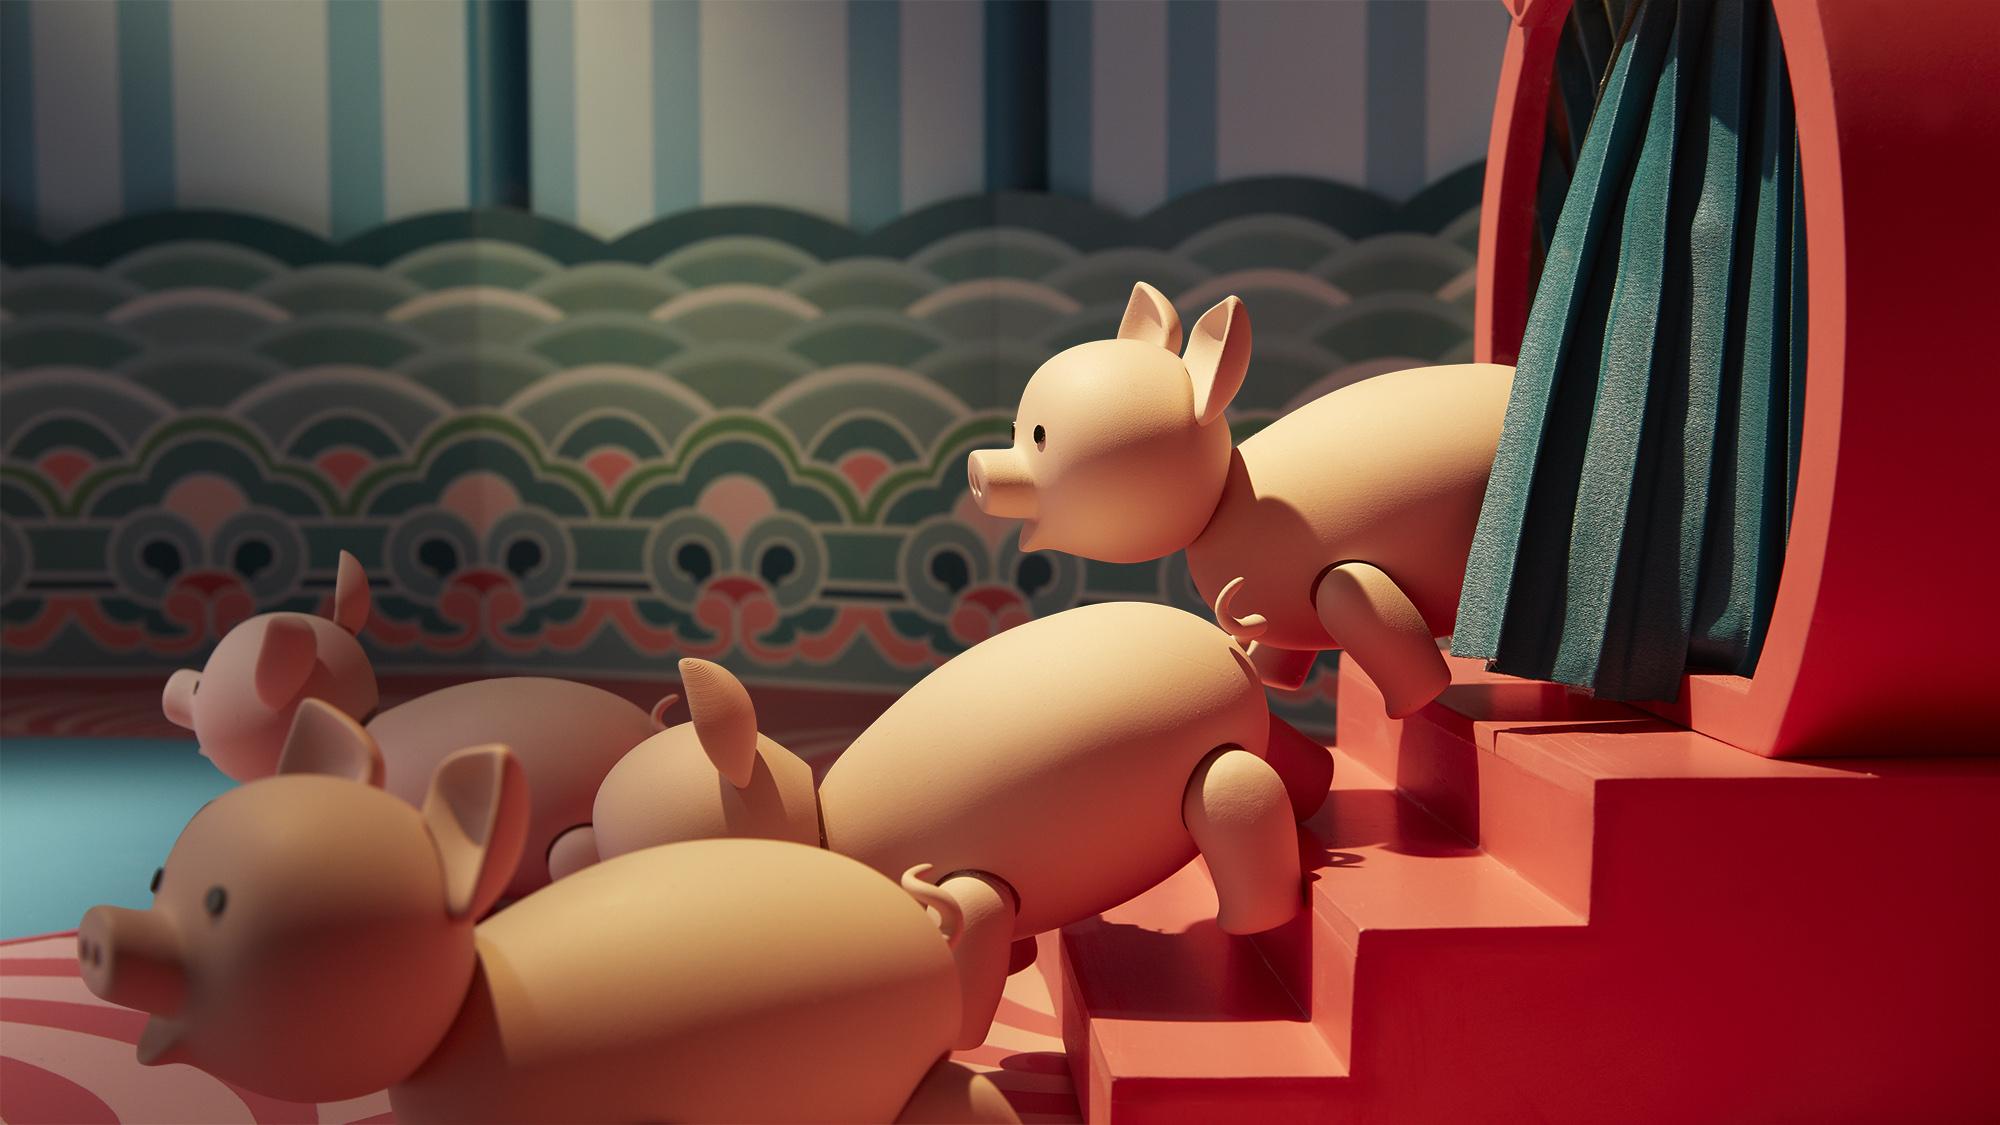 Pig_012_18_X1_0067